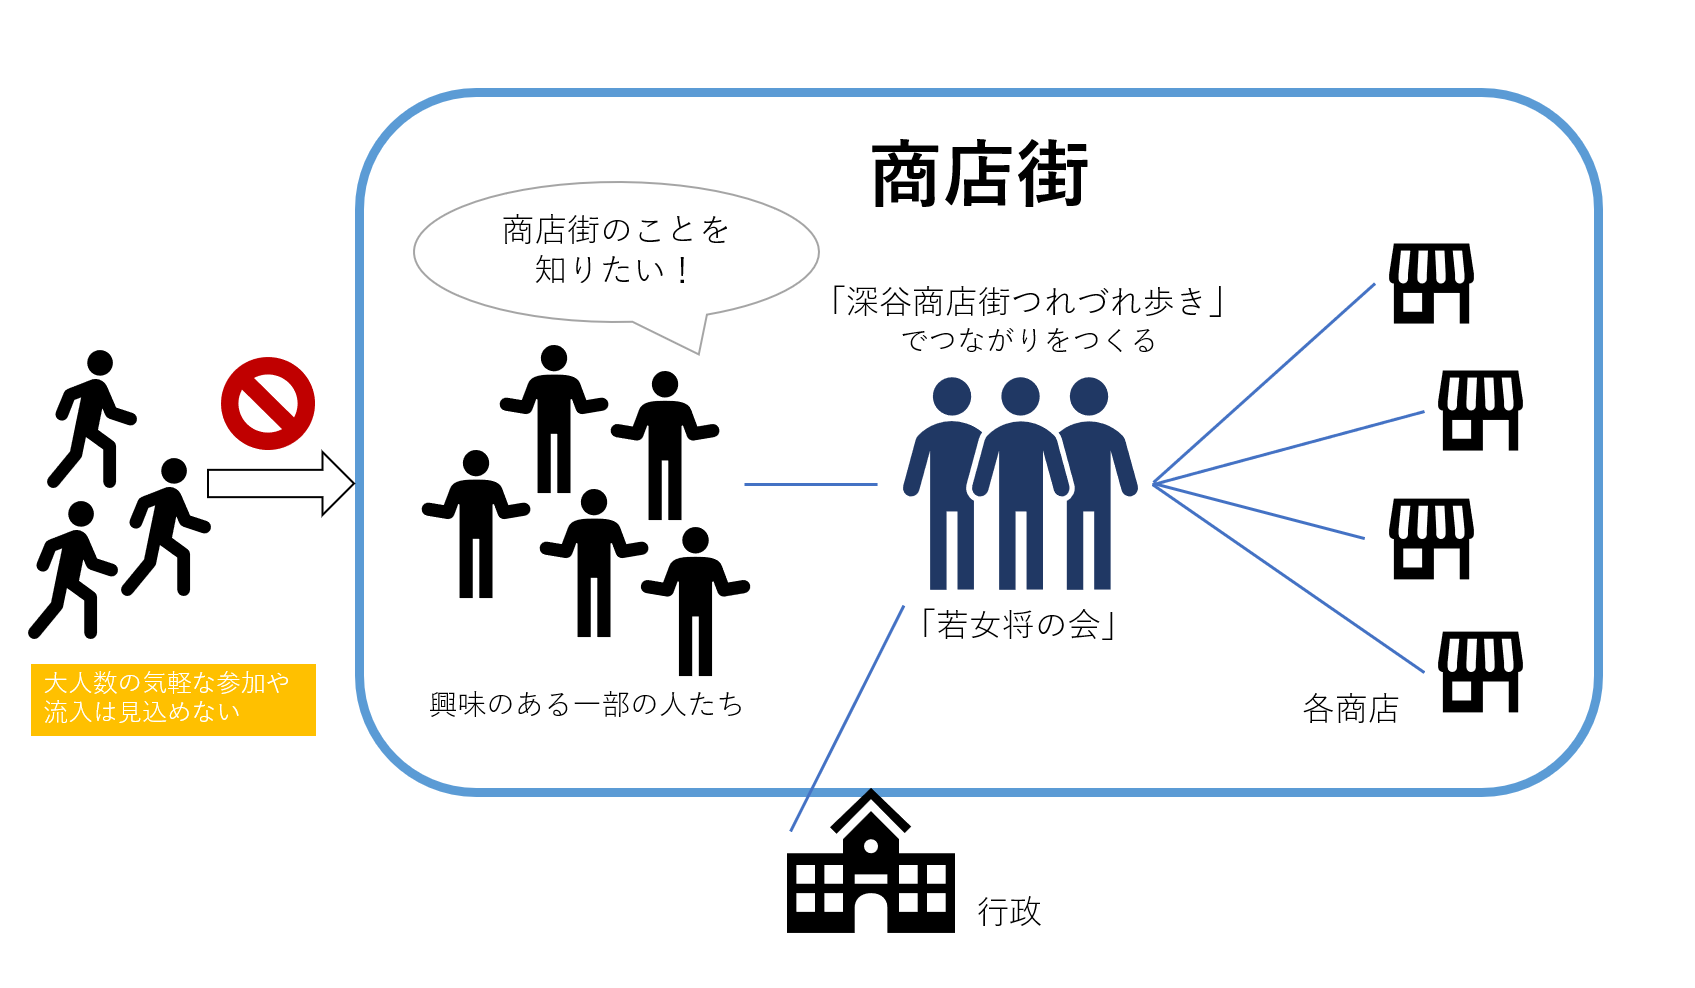 図2 「若女将の会」が築いているつながりの様子(著者作成)